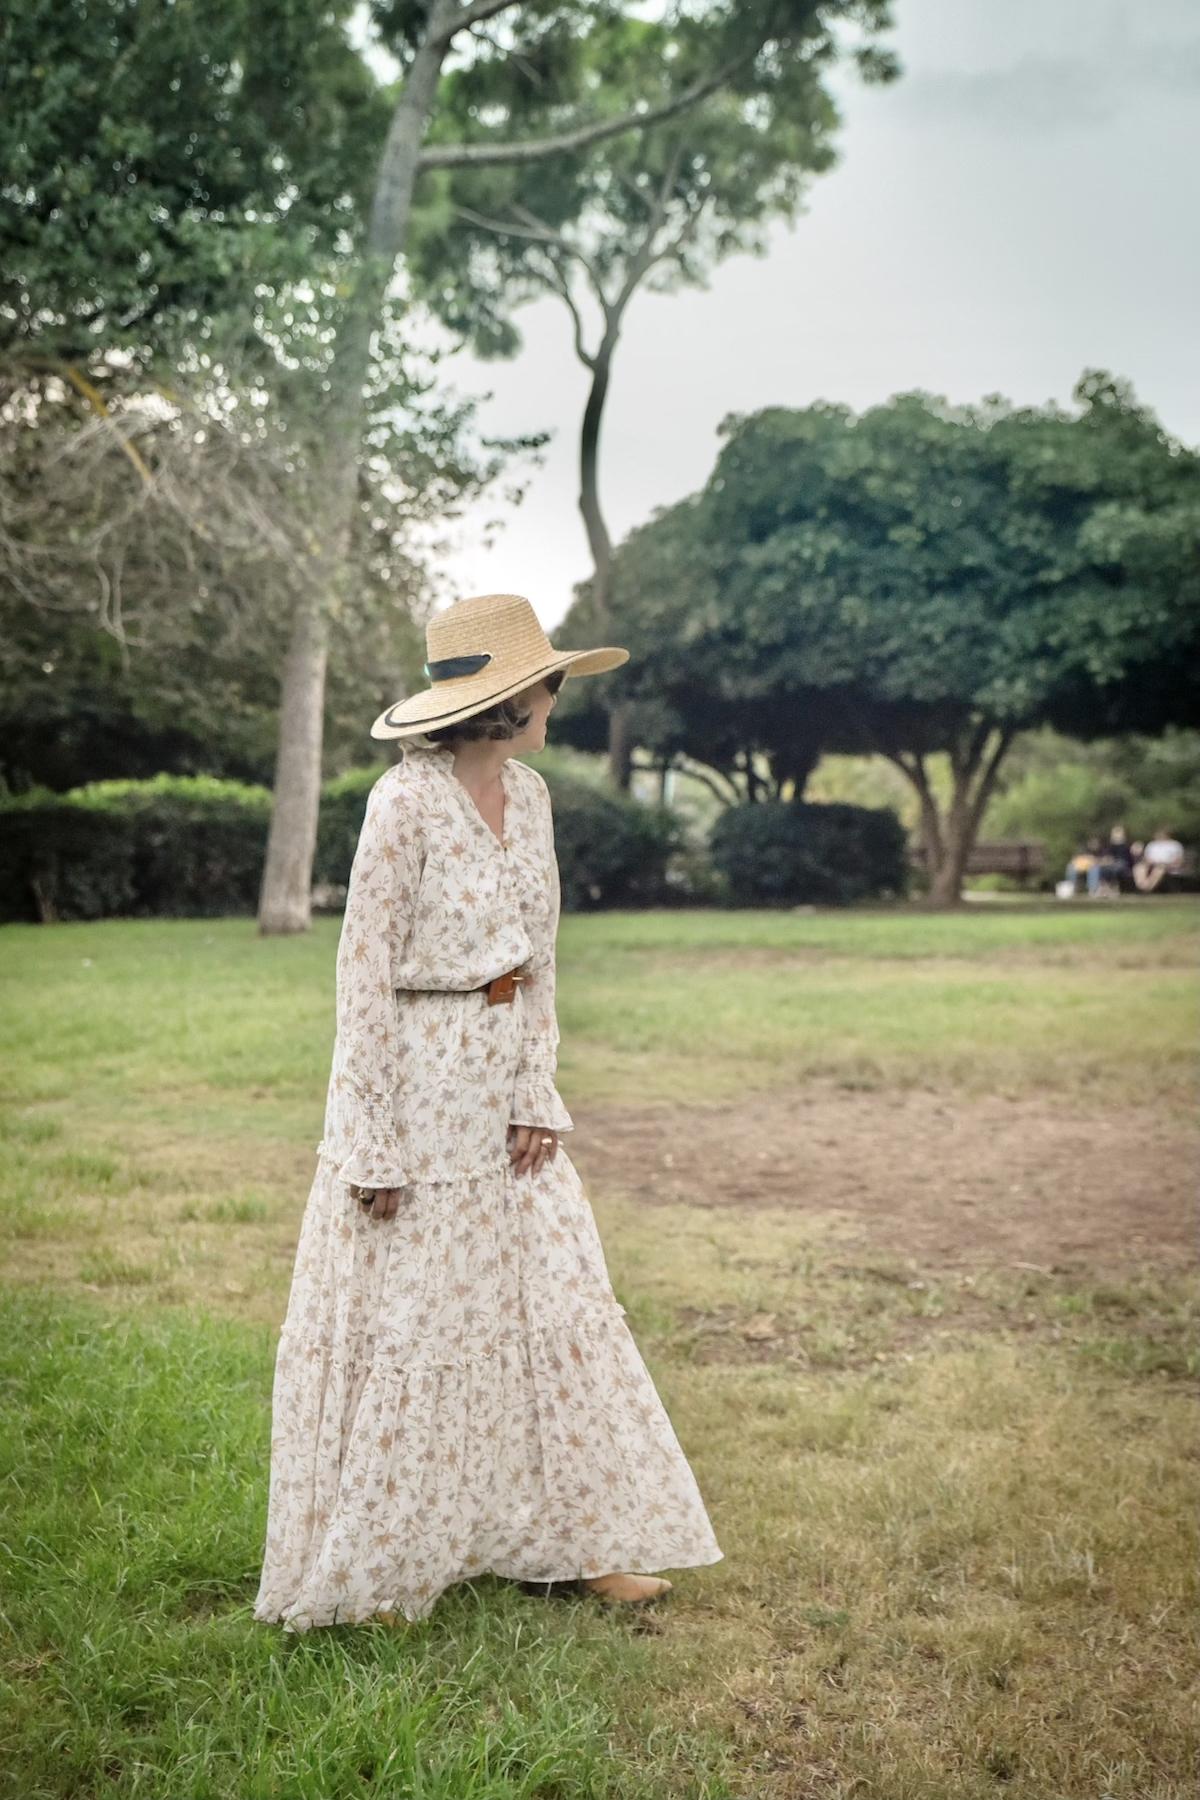 גן מניה שוחט שמלת מקסי פרחונית גולף שירי ויצנר בלוג חיפאית